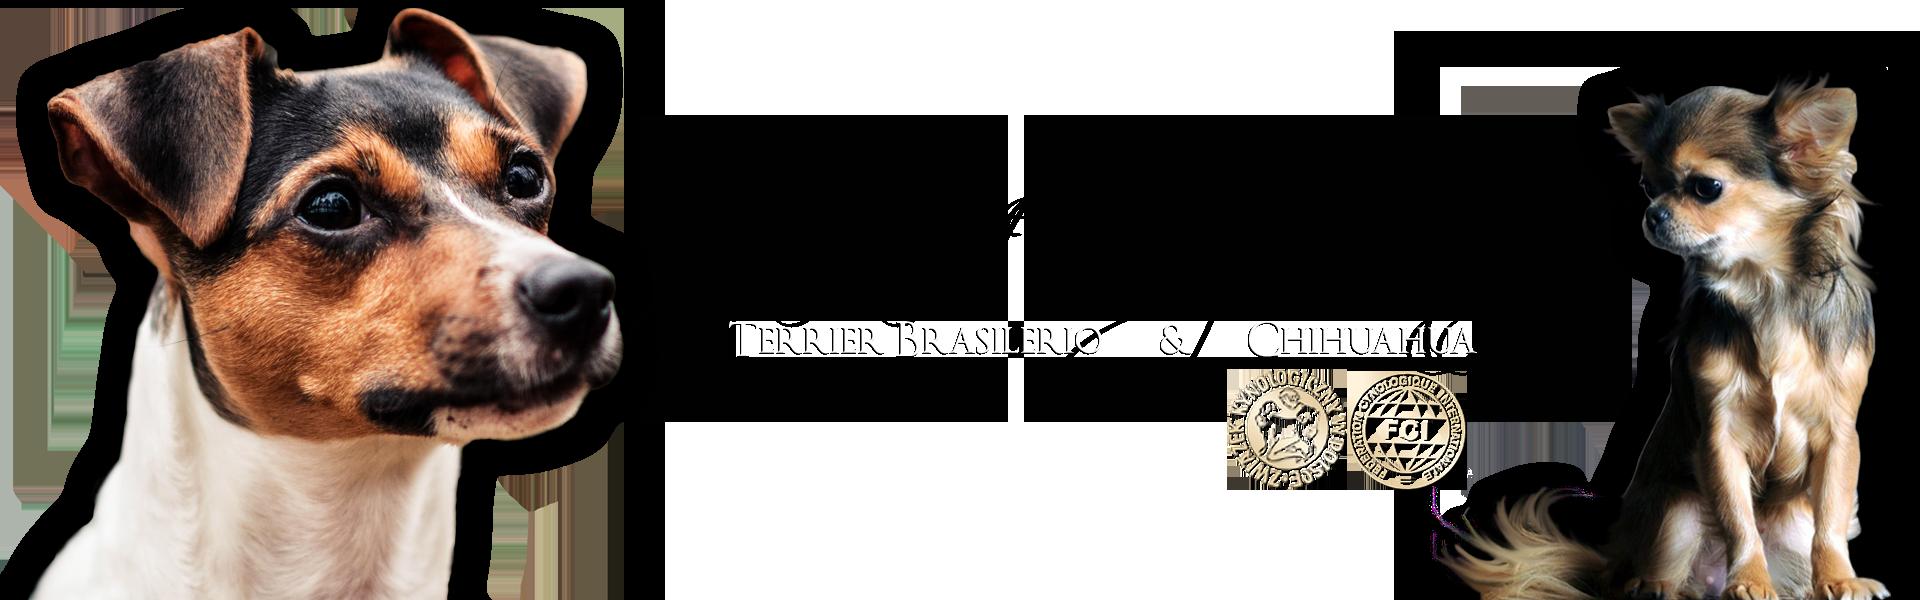 Terier brazylijski & chihuahua – hodowla psów rasowych